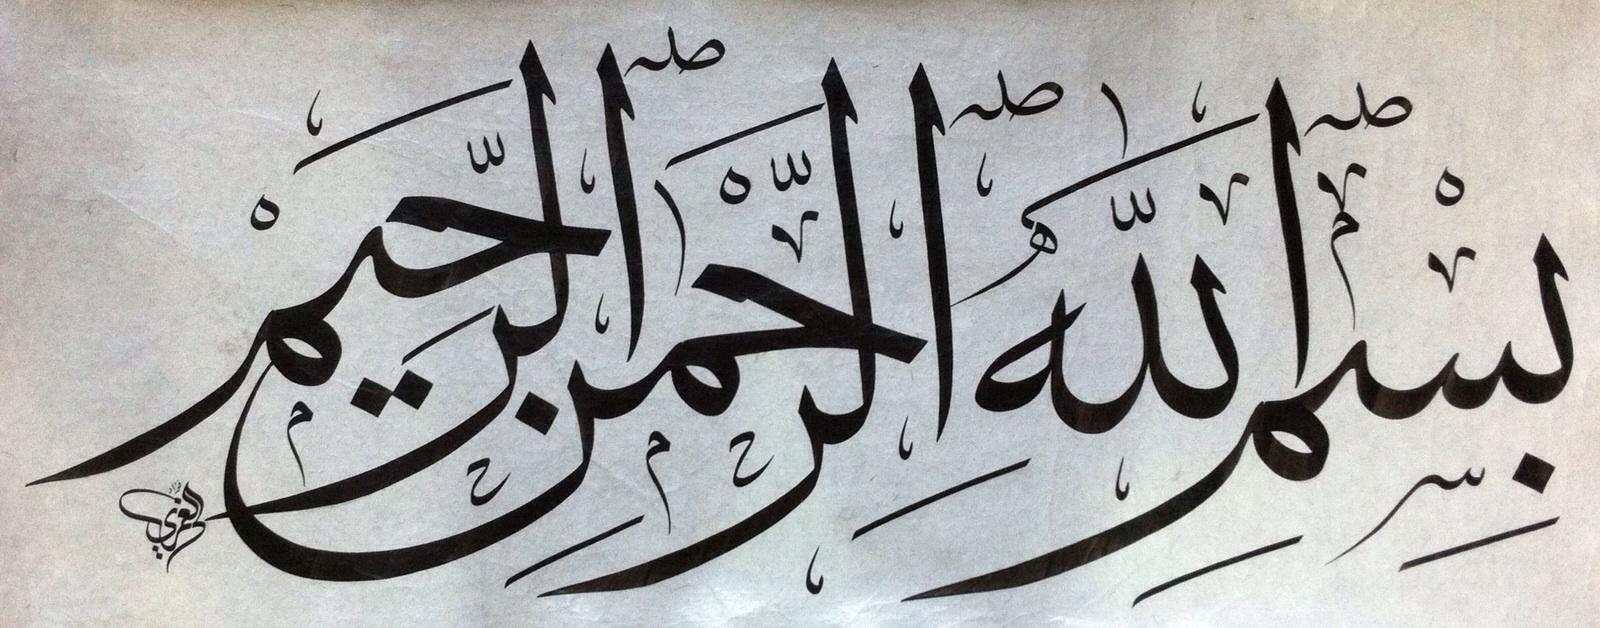 بالصور خطوط اسلامية , انواع الخط العربي 2377 3